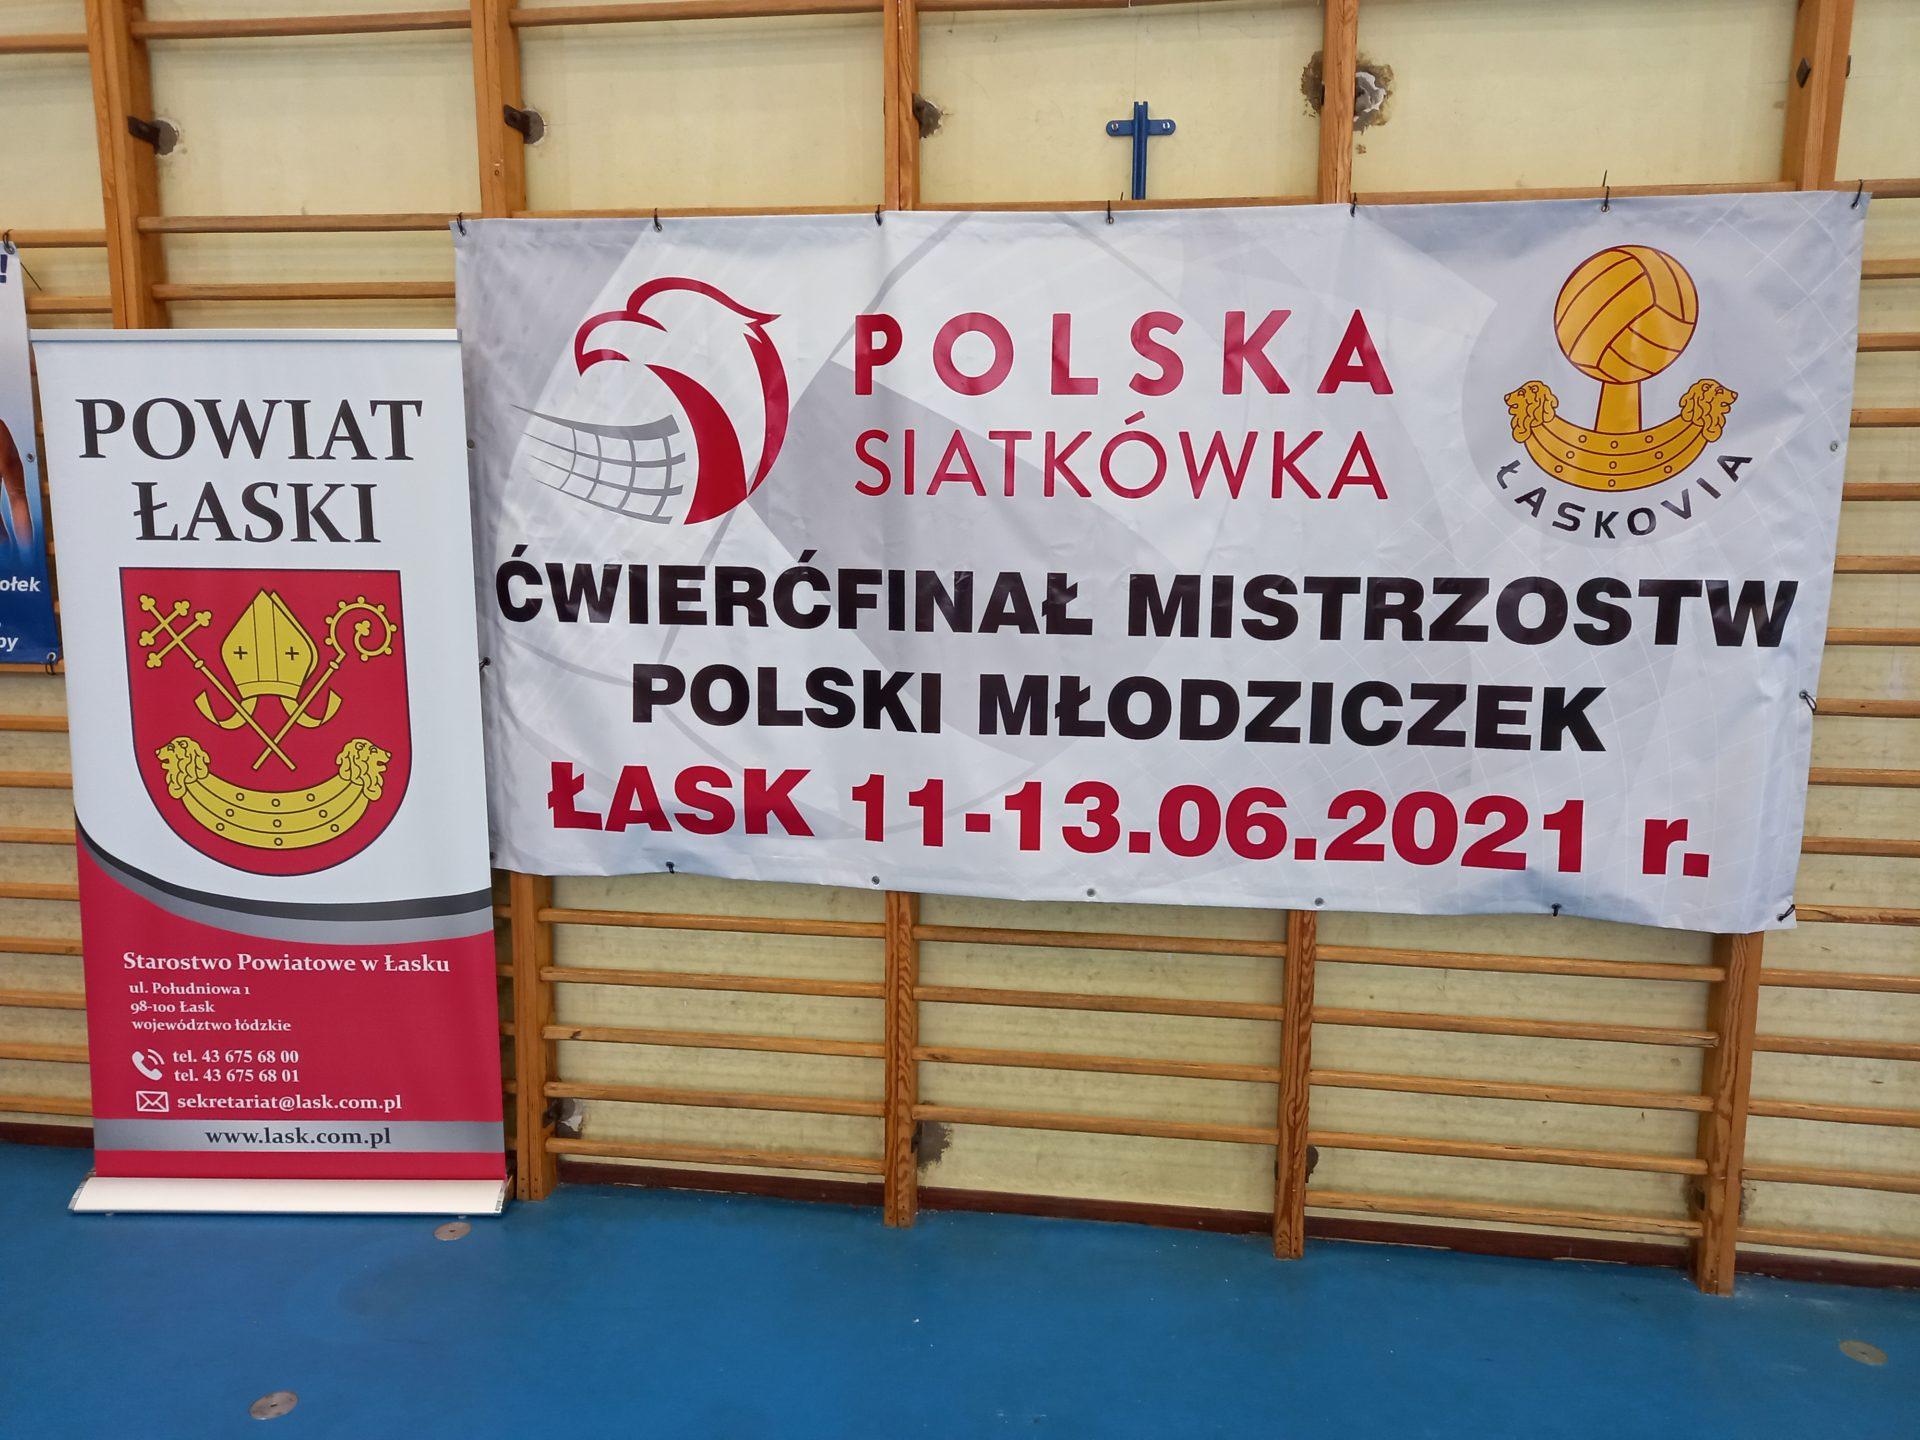 Ćwierćfinał Mistrzostw Polski Młodziczek w Łasku